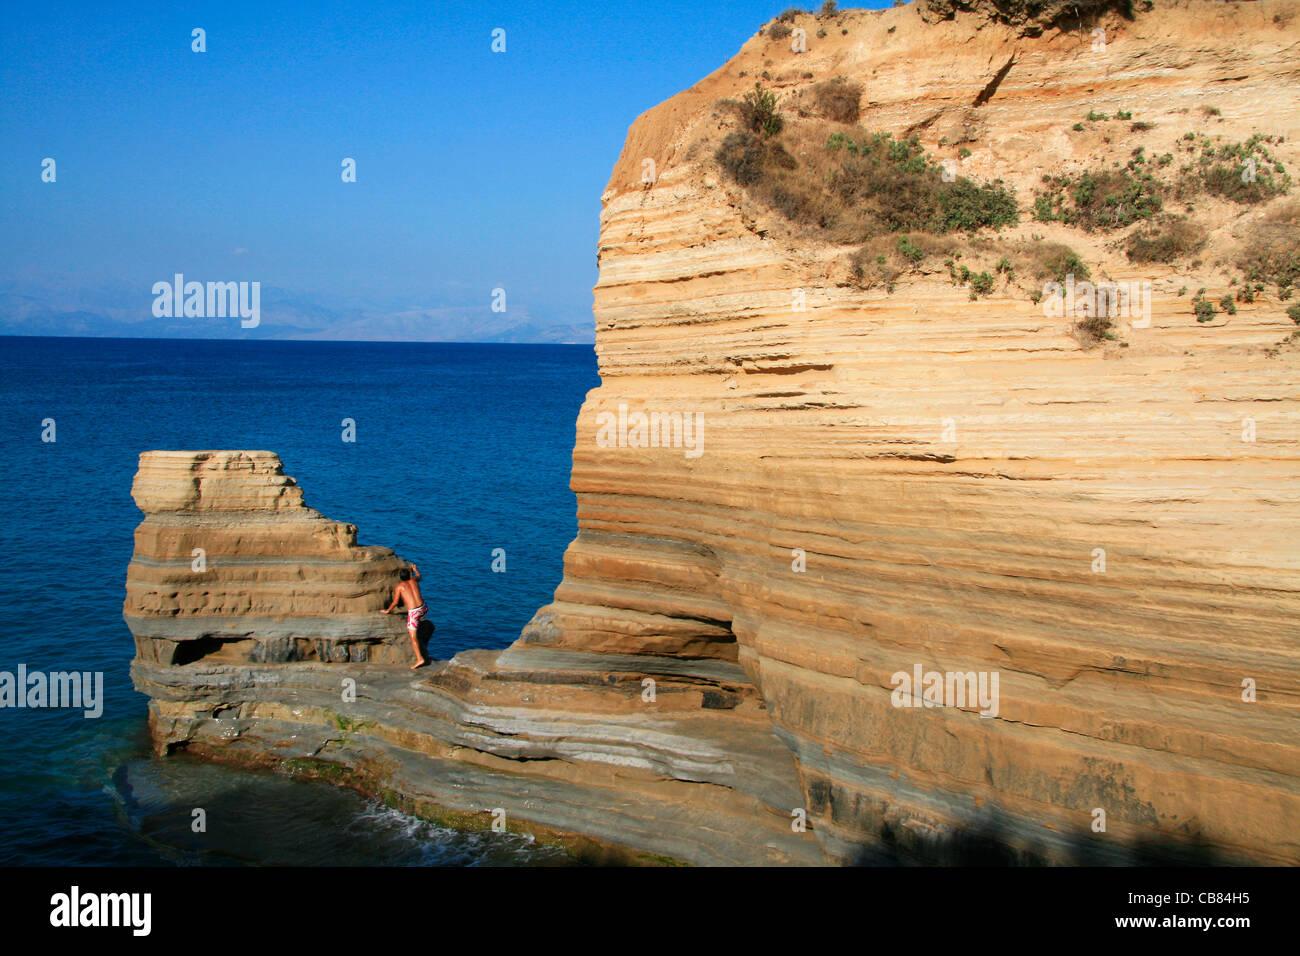 Corfu (Kerkyra), Canal D' Amour, Sidari, sea, beach, island (CTK Photo/Marketa Hofmanova) - Stock Image